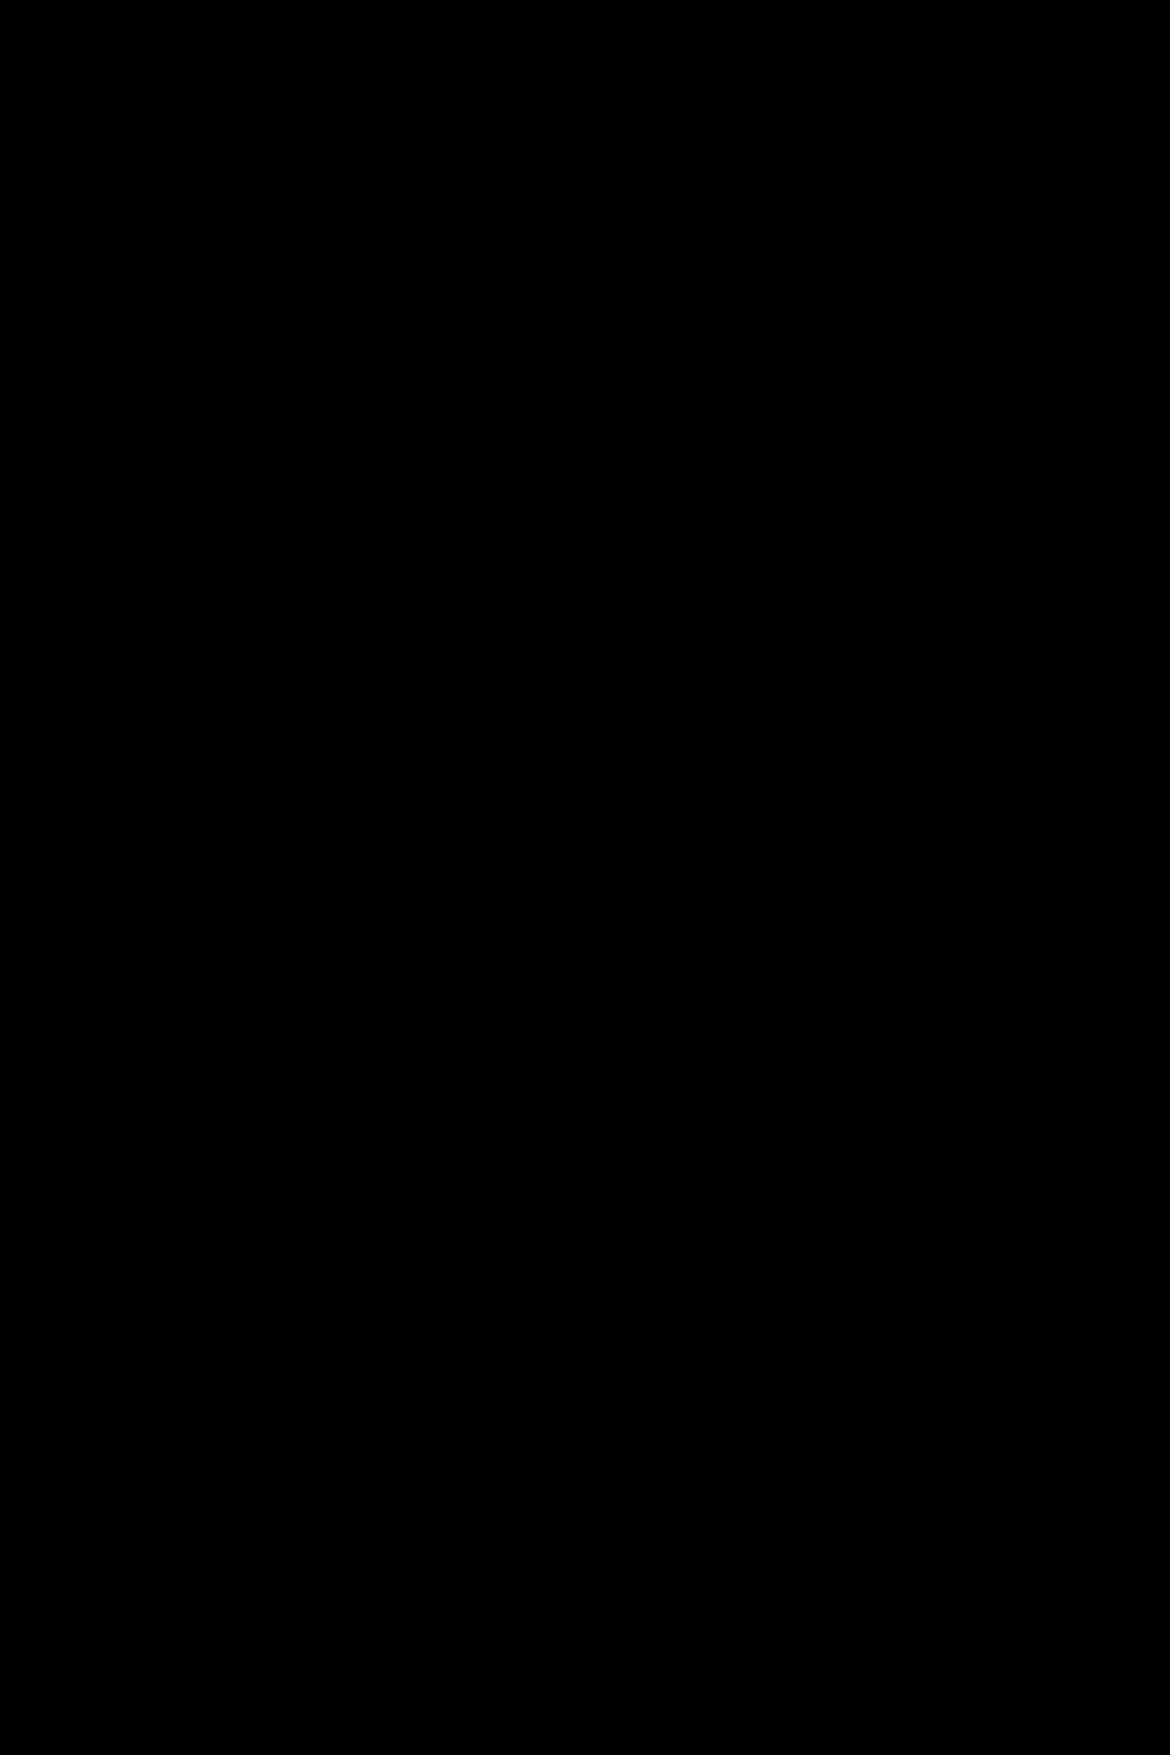 Come indossare un gilet in pelliccia ecologica - Laura Comolli inverno 2016 Ainea Zanellato Sarenza